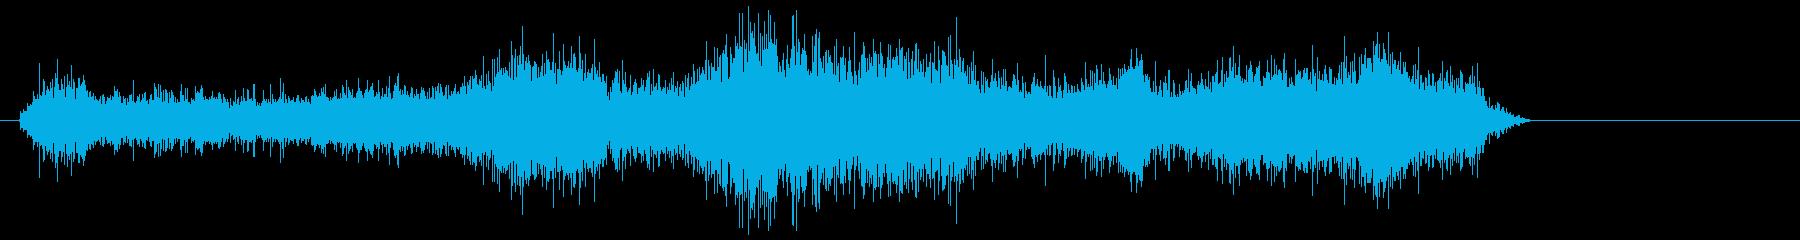 ドリル;小さな電気ドリル。の再生済みの波形